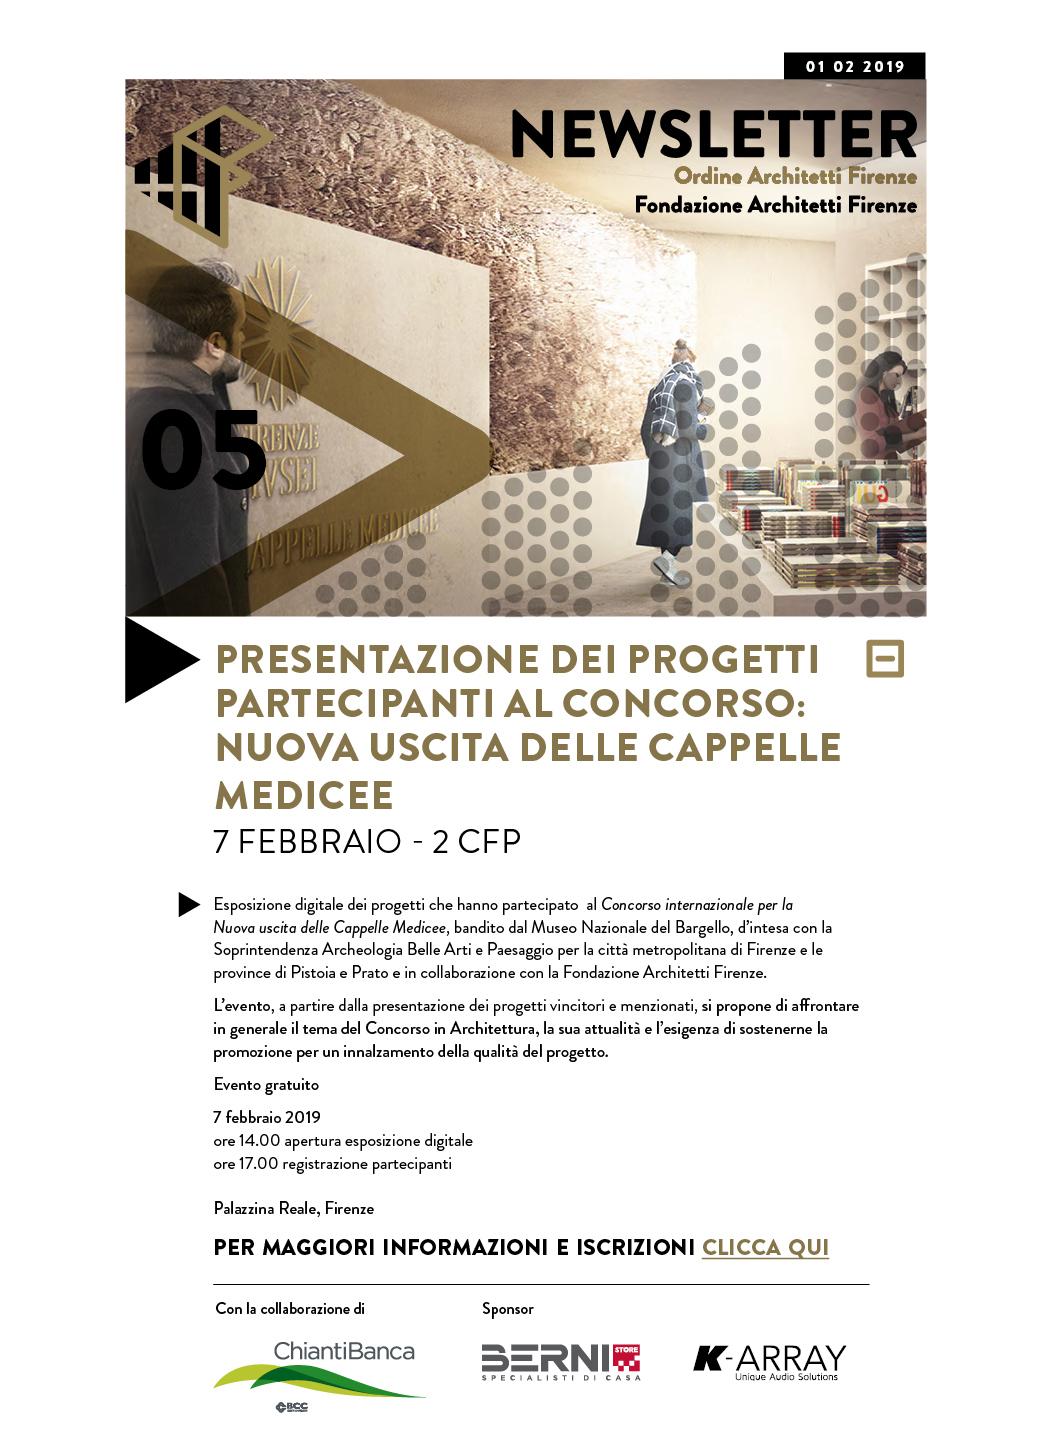 Presentazione dei progetti partecipanti al concorso: nuova uscita delle cappelle medicee